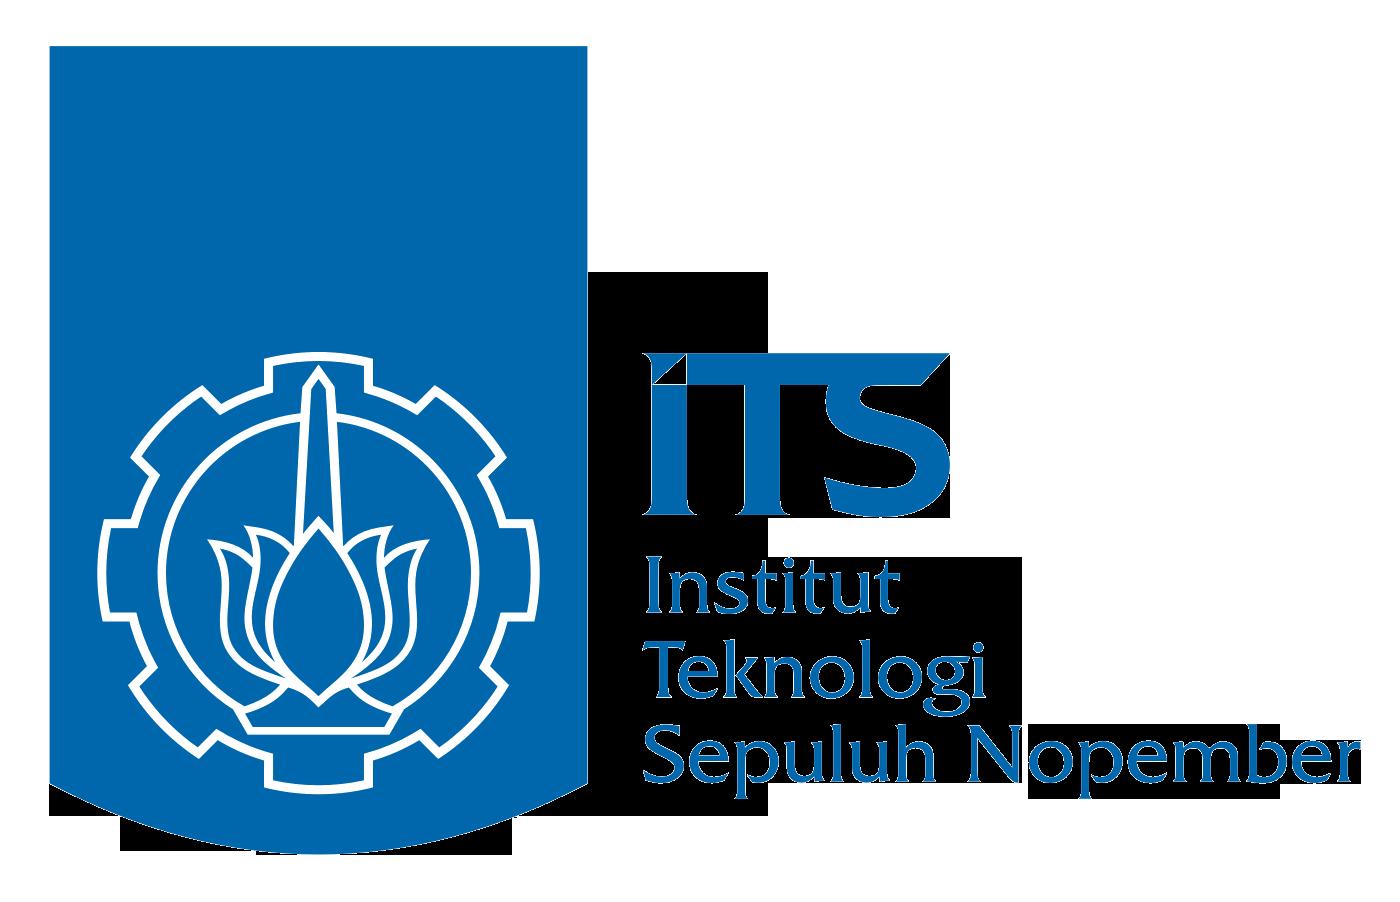 Biaya Kuliah ITS Surabaya (Institut Teknologi Sepuluh Nopember) 2020/2021